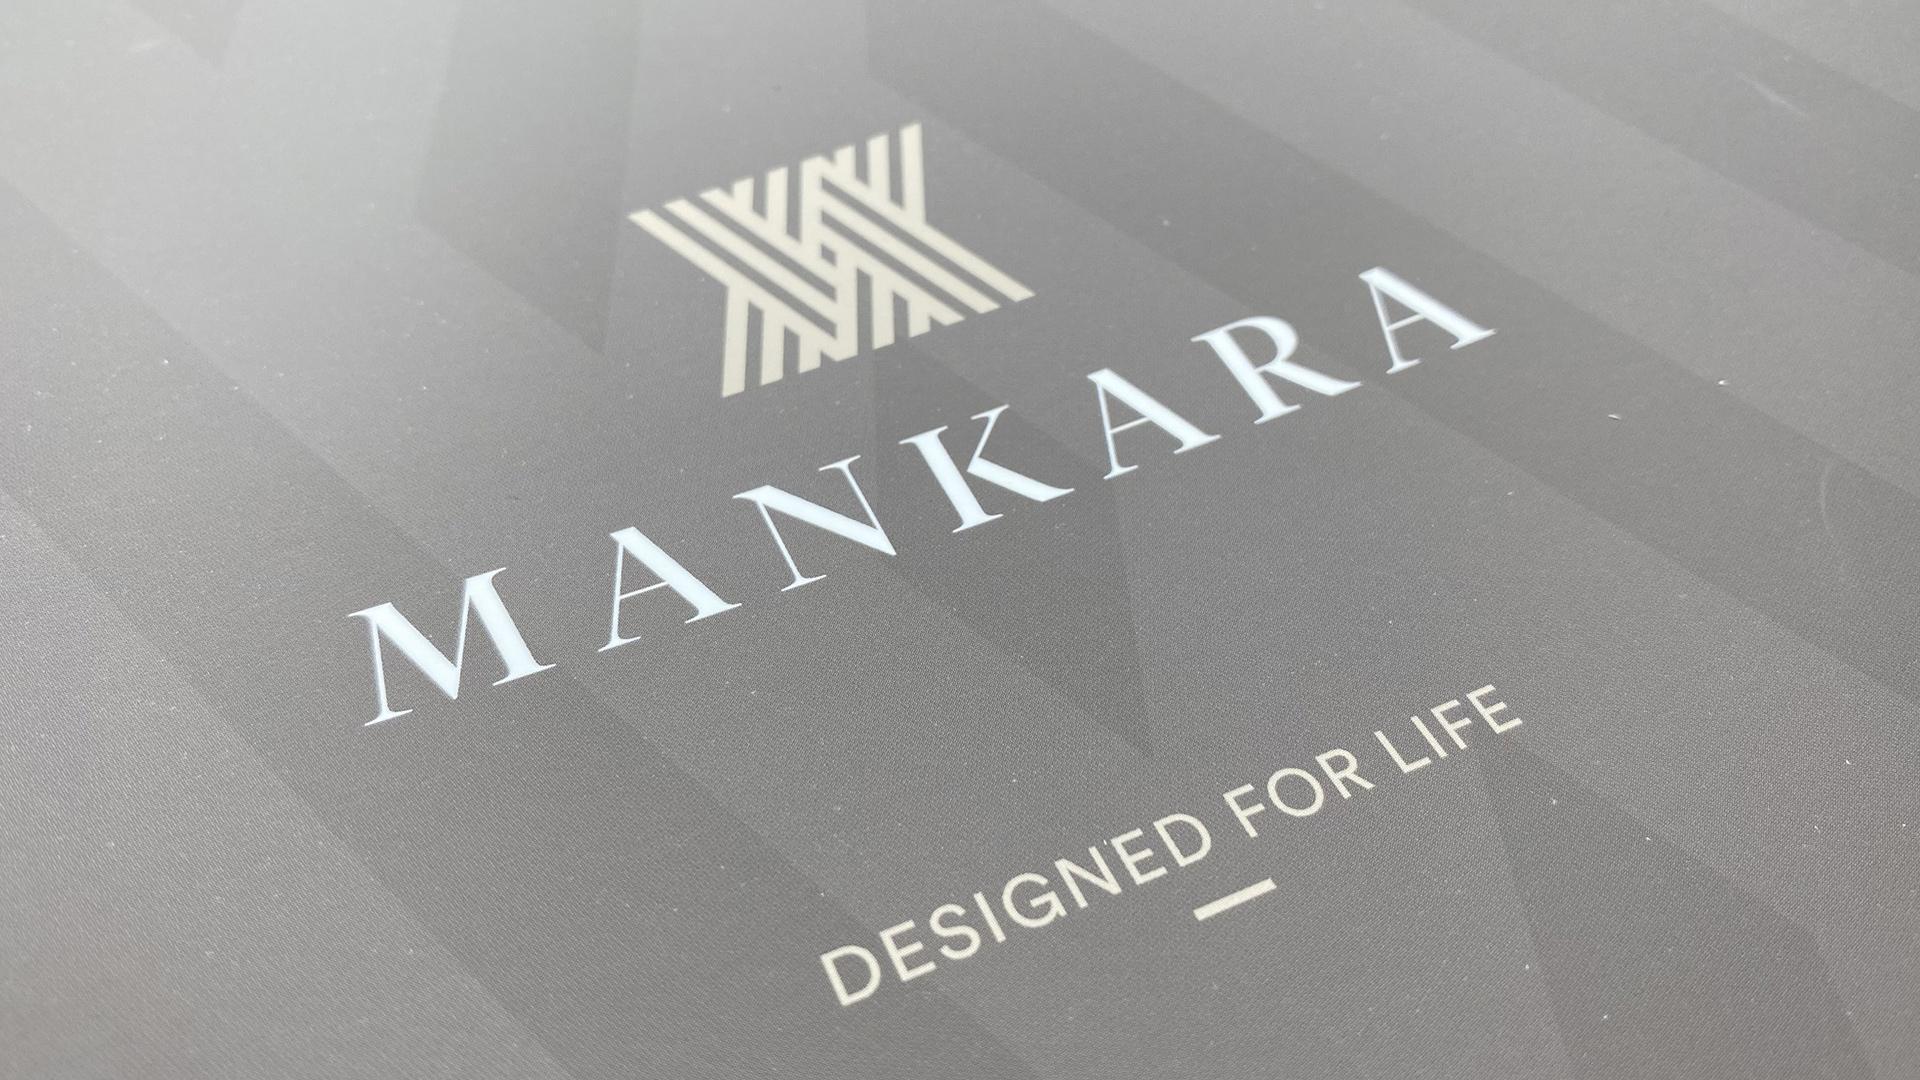 Mankara Brochure: CG Render by Constructive Media